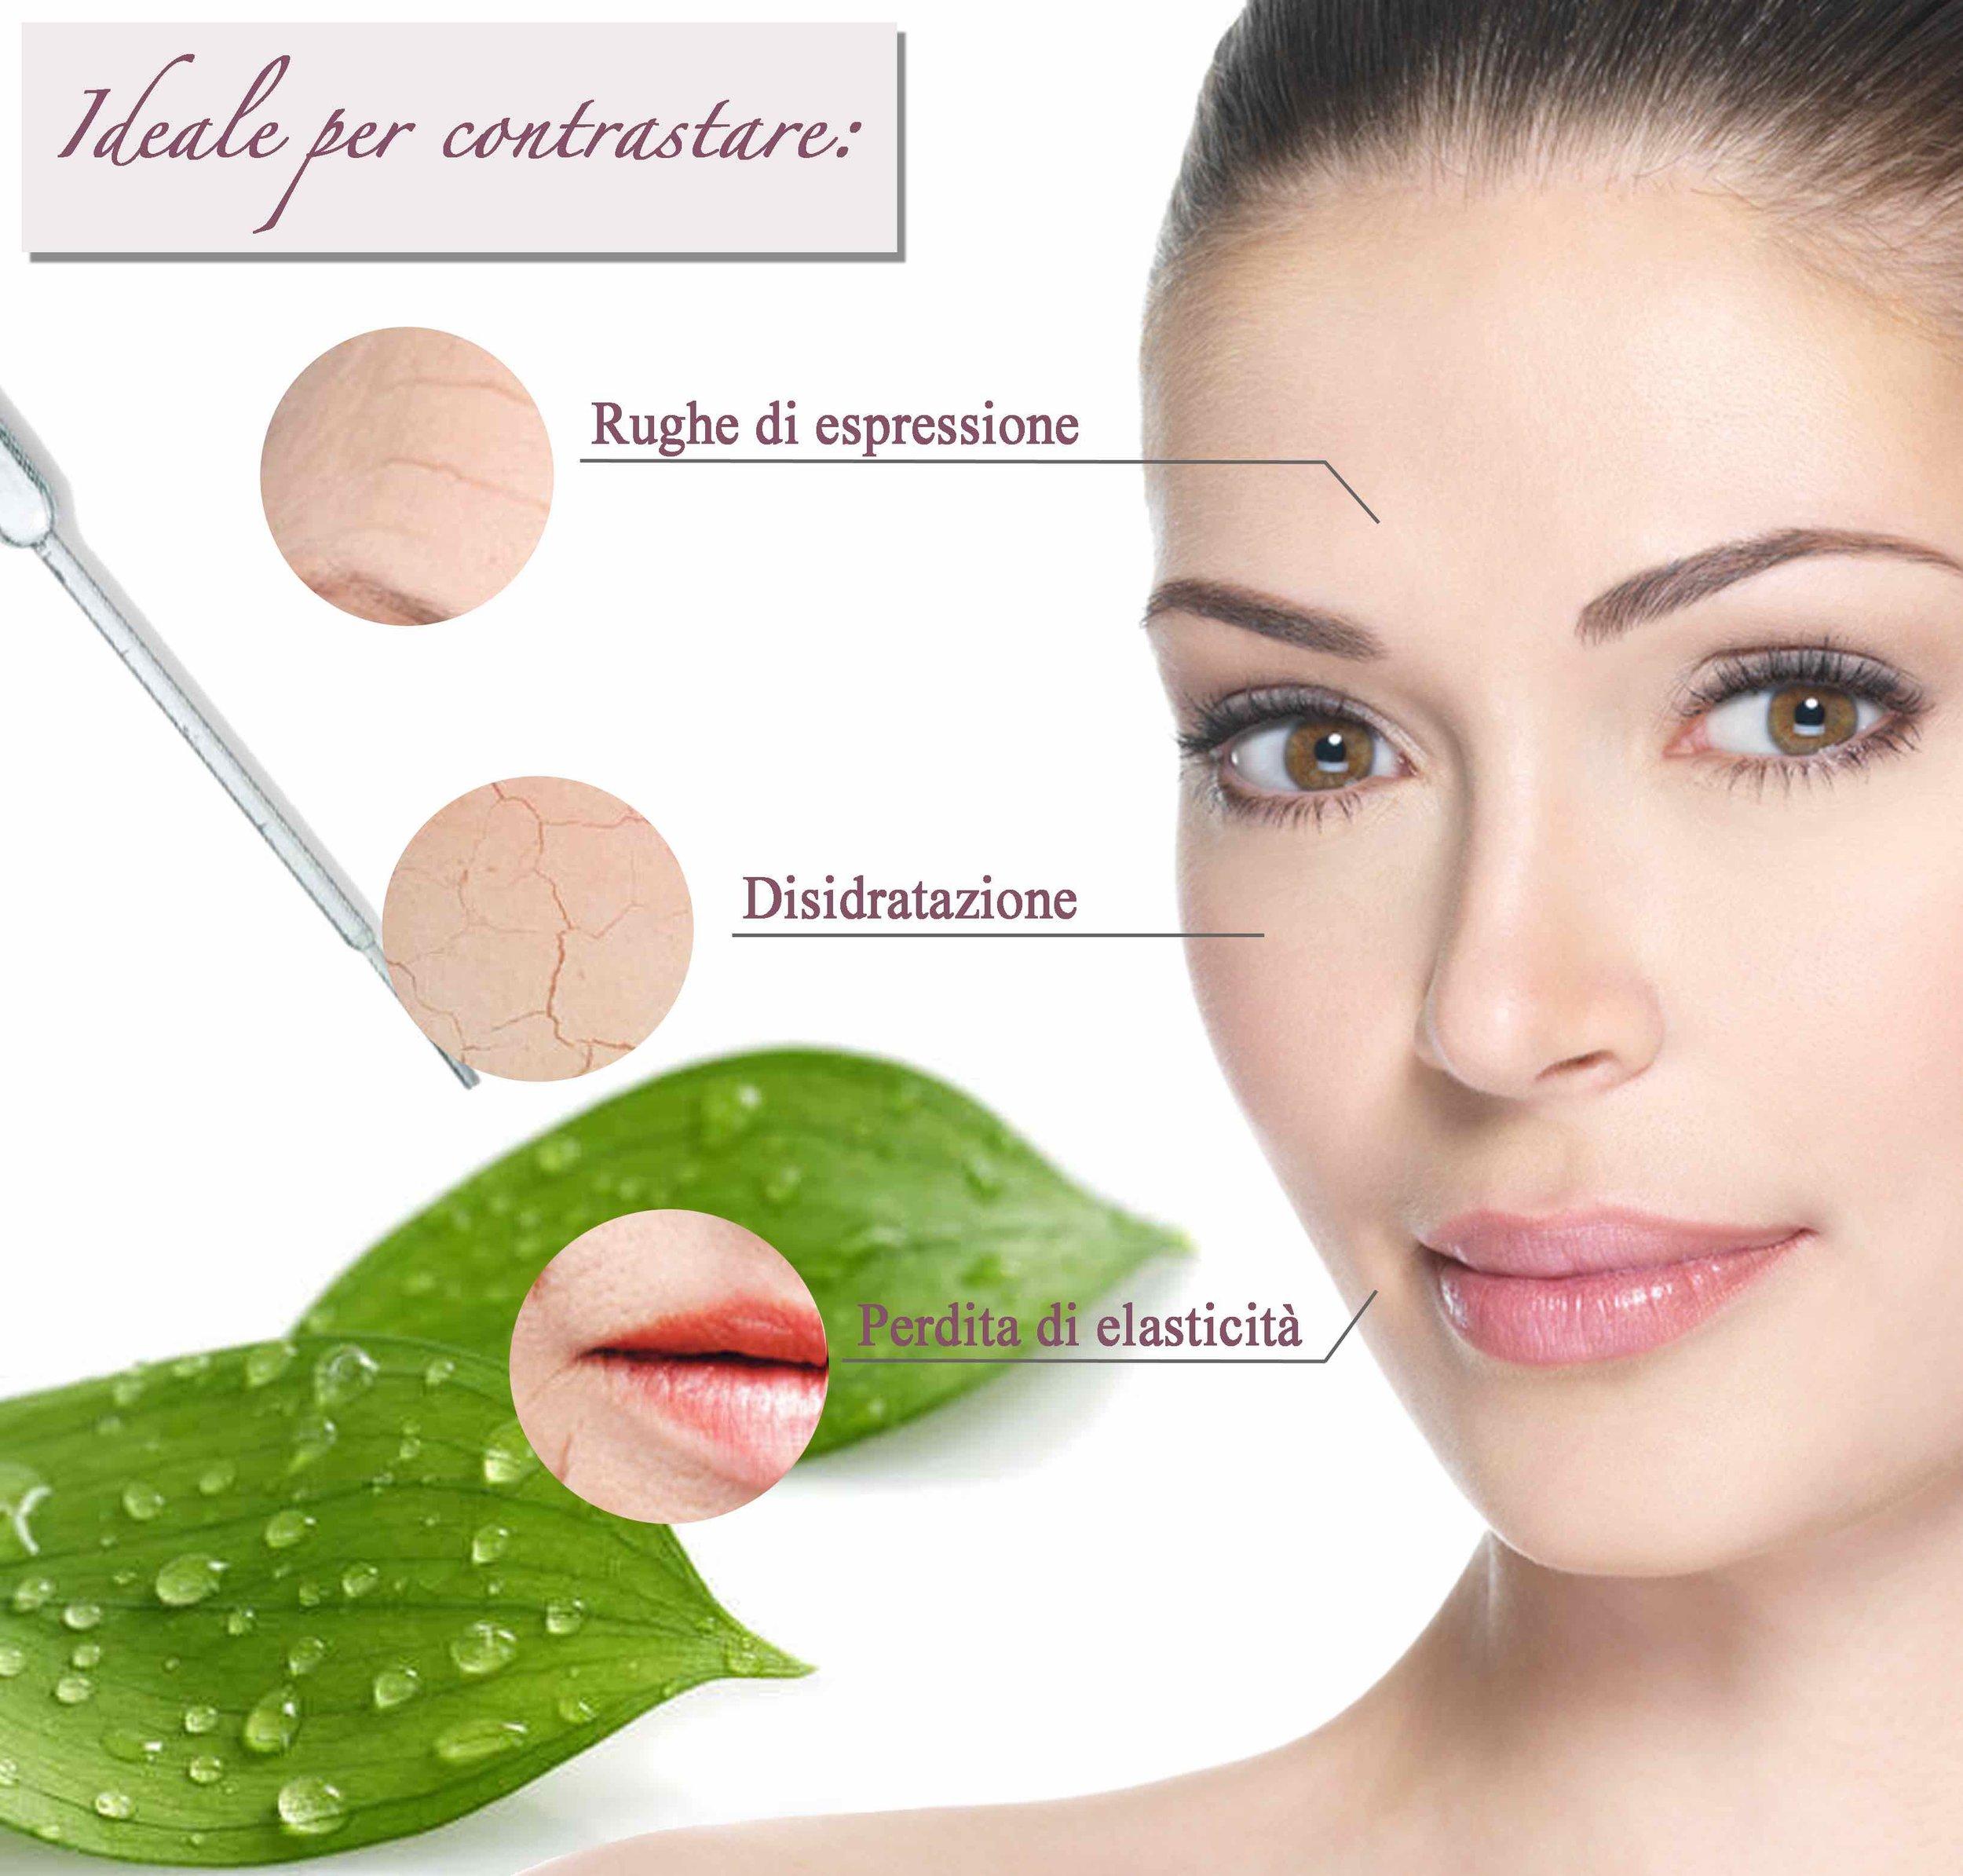 A cosa servono le cellule staminali nella cosmetica? - Con l'avanzare dell'età, le cellule presenti nel nostro corpo invecchiano perché perdono la loro capacità di rigenerarsi. La pelle, quindi, invecchia perché non riceve più un adeguato ricambio cellulare.Il processo di invecchiamento delle cellule (o senescenza) della pelle del viso è accelerato da alcuni fattori esterni aggressivi come, ad esempio, l'inquinamento atmosferico, i raggi UV, il fumo, l'alcol e l'alimentazione scorretta. A questo si unisce anche la perdita della capacità di rispondere efficientemente allo stress ossidativo causato dall'azione dei radicali liberi.Le cellule staminali vegetali, grazie alle loro proprietà di auto rigenerazione, stimolano la naturale capacità delle cellule dell'epidermide e del follicolo di costruire nuovi tessuti. In questo modo, le cellule staminali vegetali ritardano gli effetti dell'invecchiamento e aumentano le naturali capacità della pelle nel contrastare gli attacchi degli agenti esterni.Le colture di cellule staminali vegetali per l'uso cosmetico contengono un complesso di sostanze in grado di proteggere la pelle prevenendo l'invecchiamento cutaneo quali sali minerali, zuccheri, proteine, fenoli, amminoacidi e lipidi.